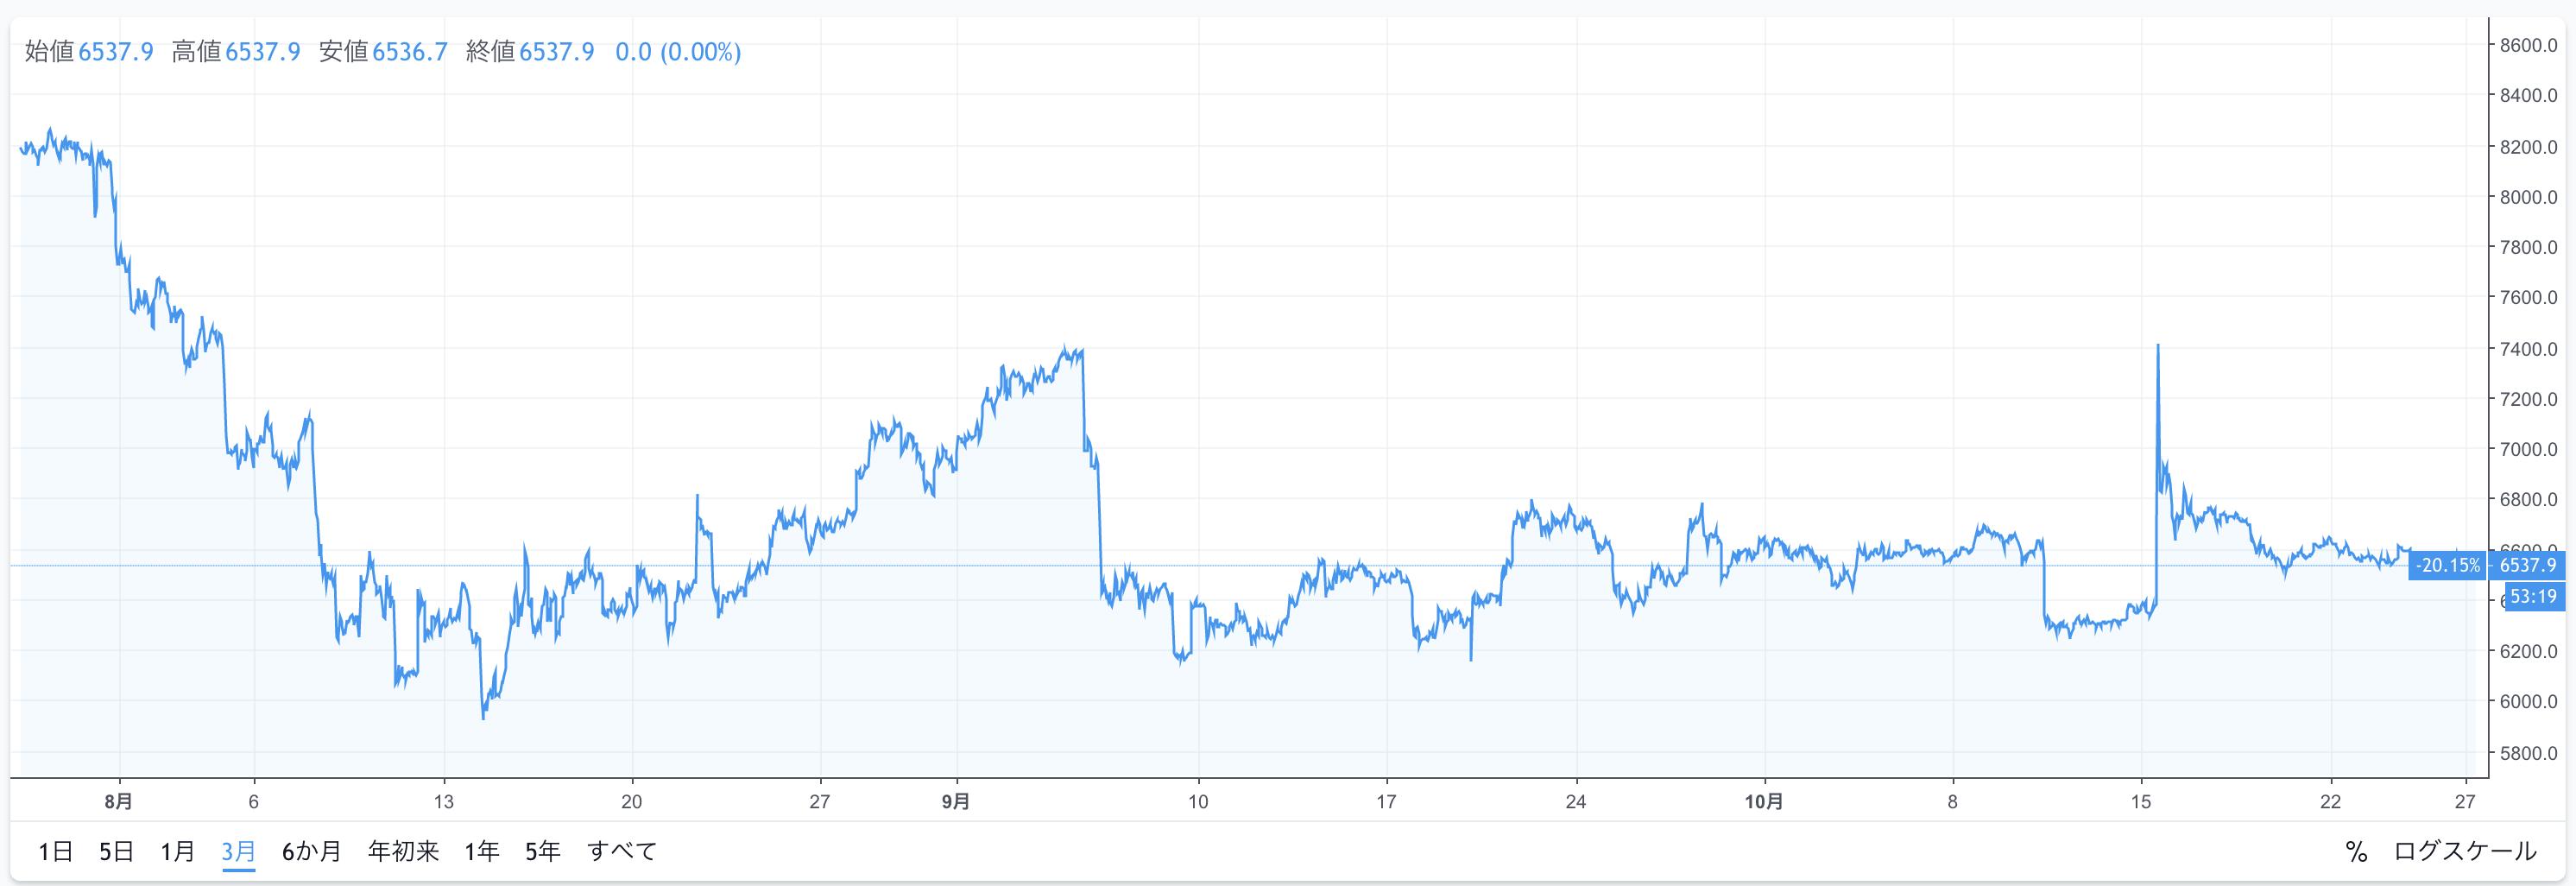 ビットコイン/アメリカドルの価格チャート